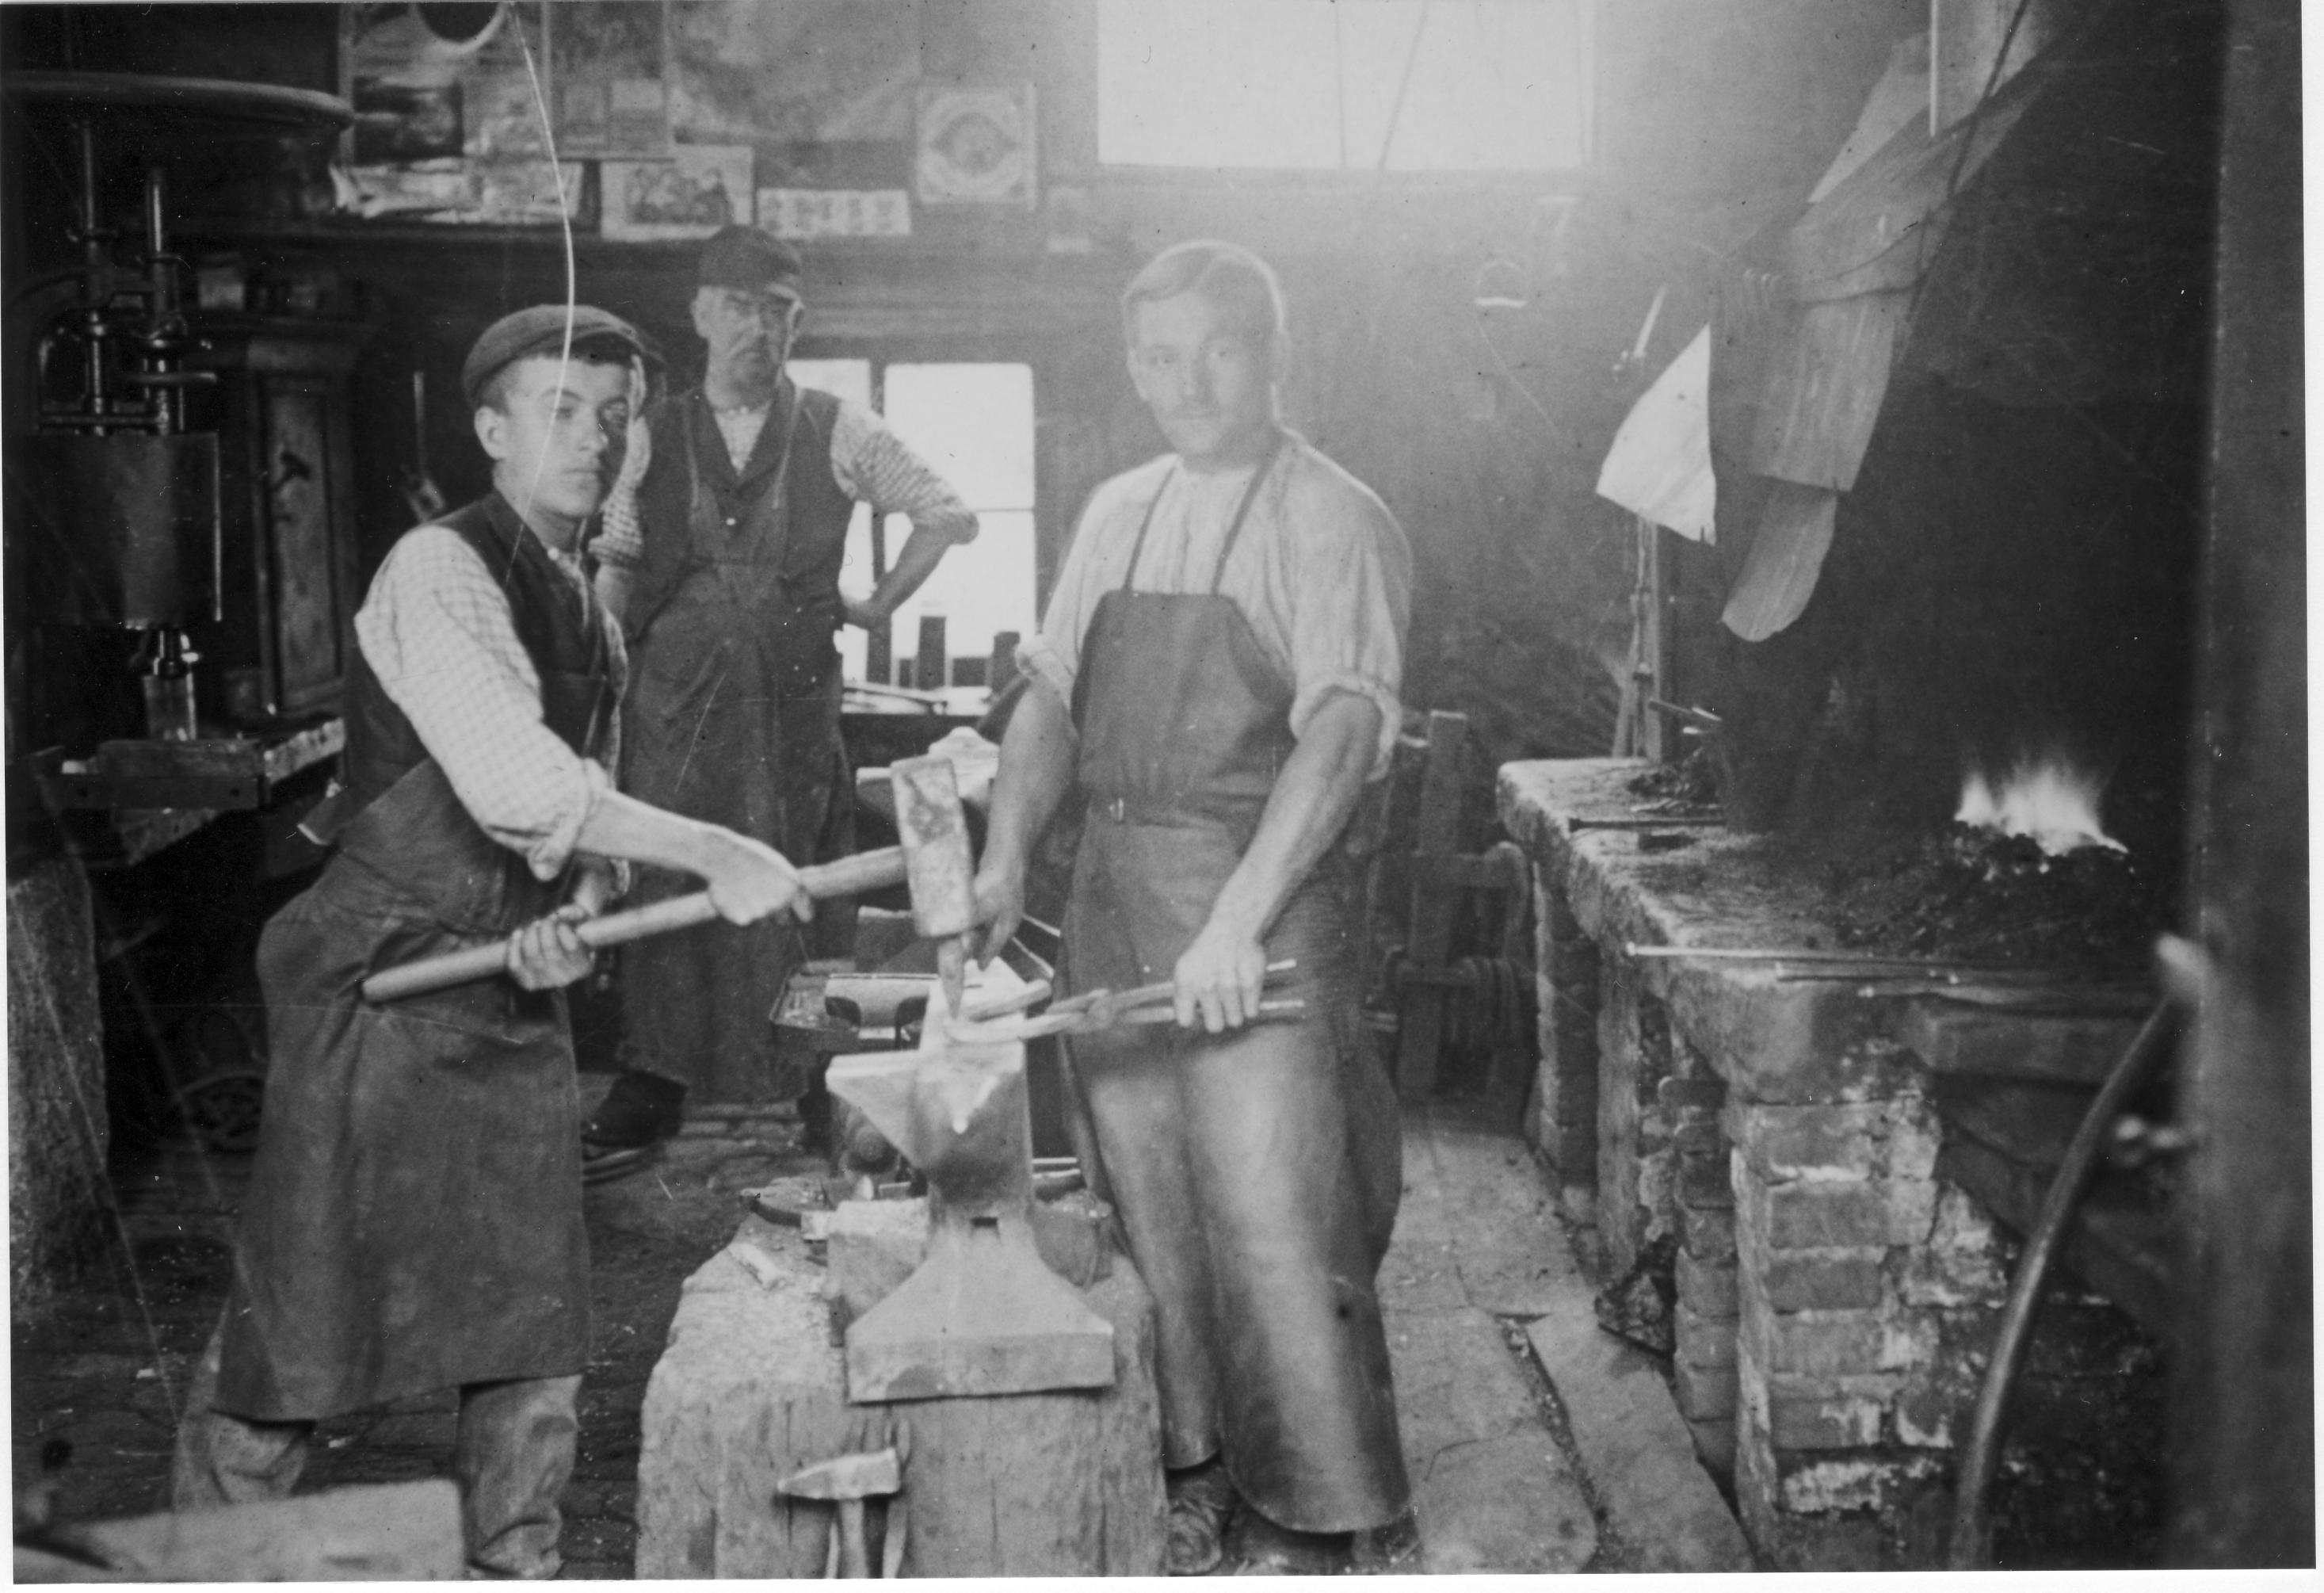 Arbeiter in der Schmiede